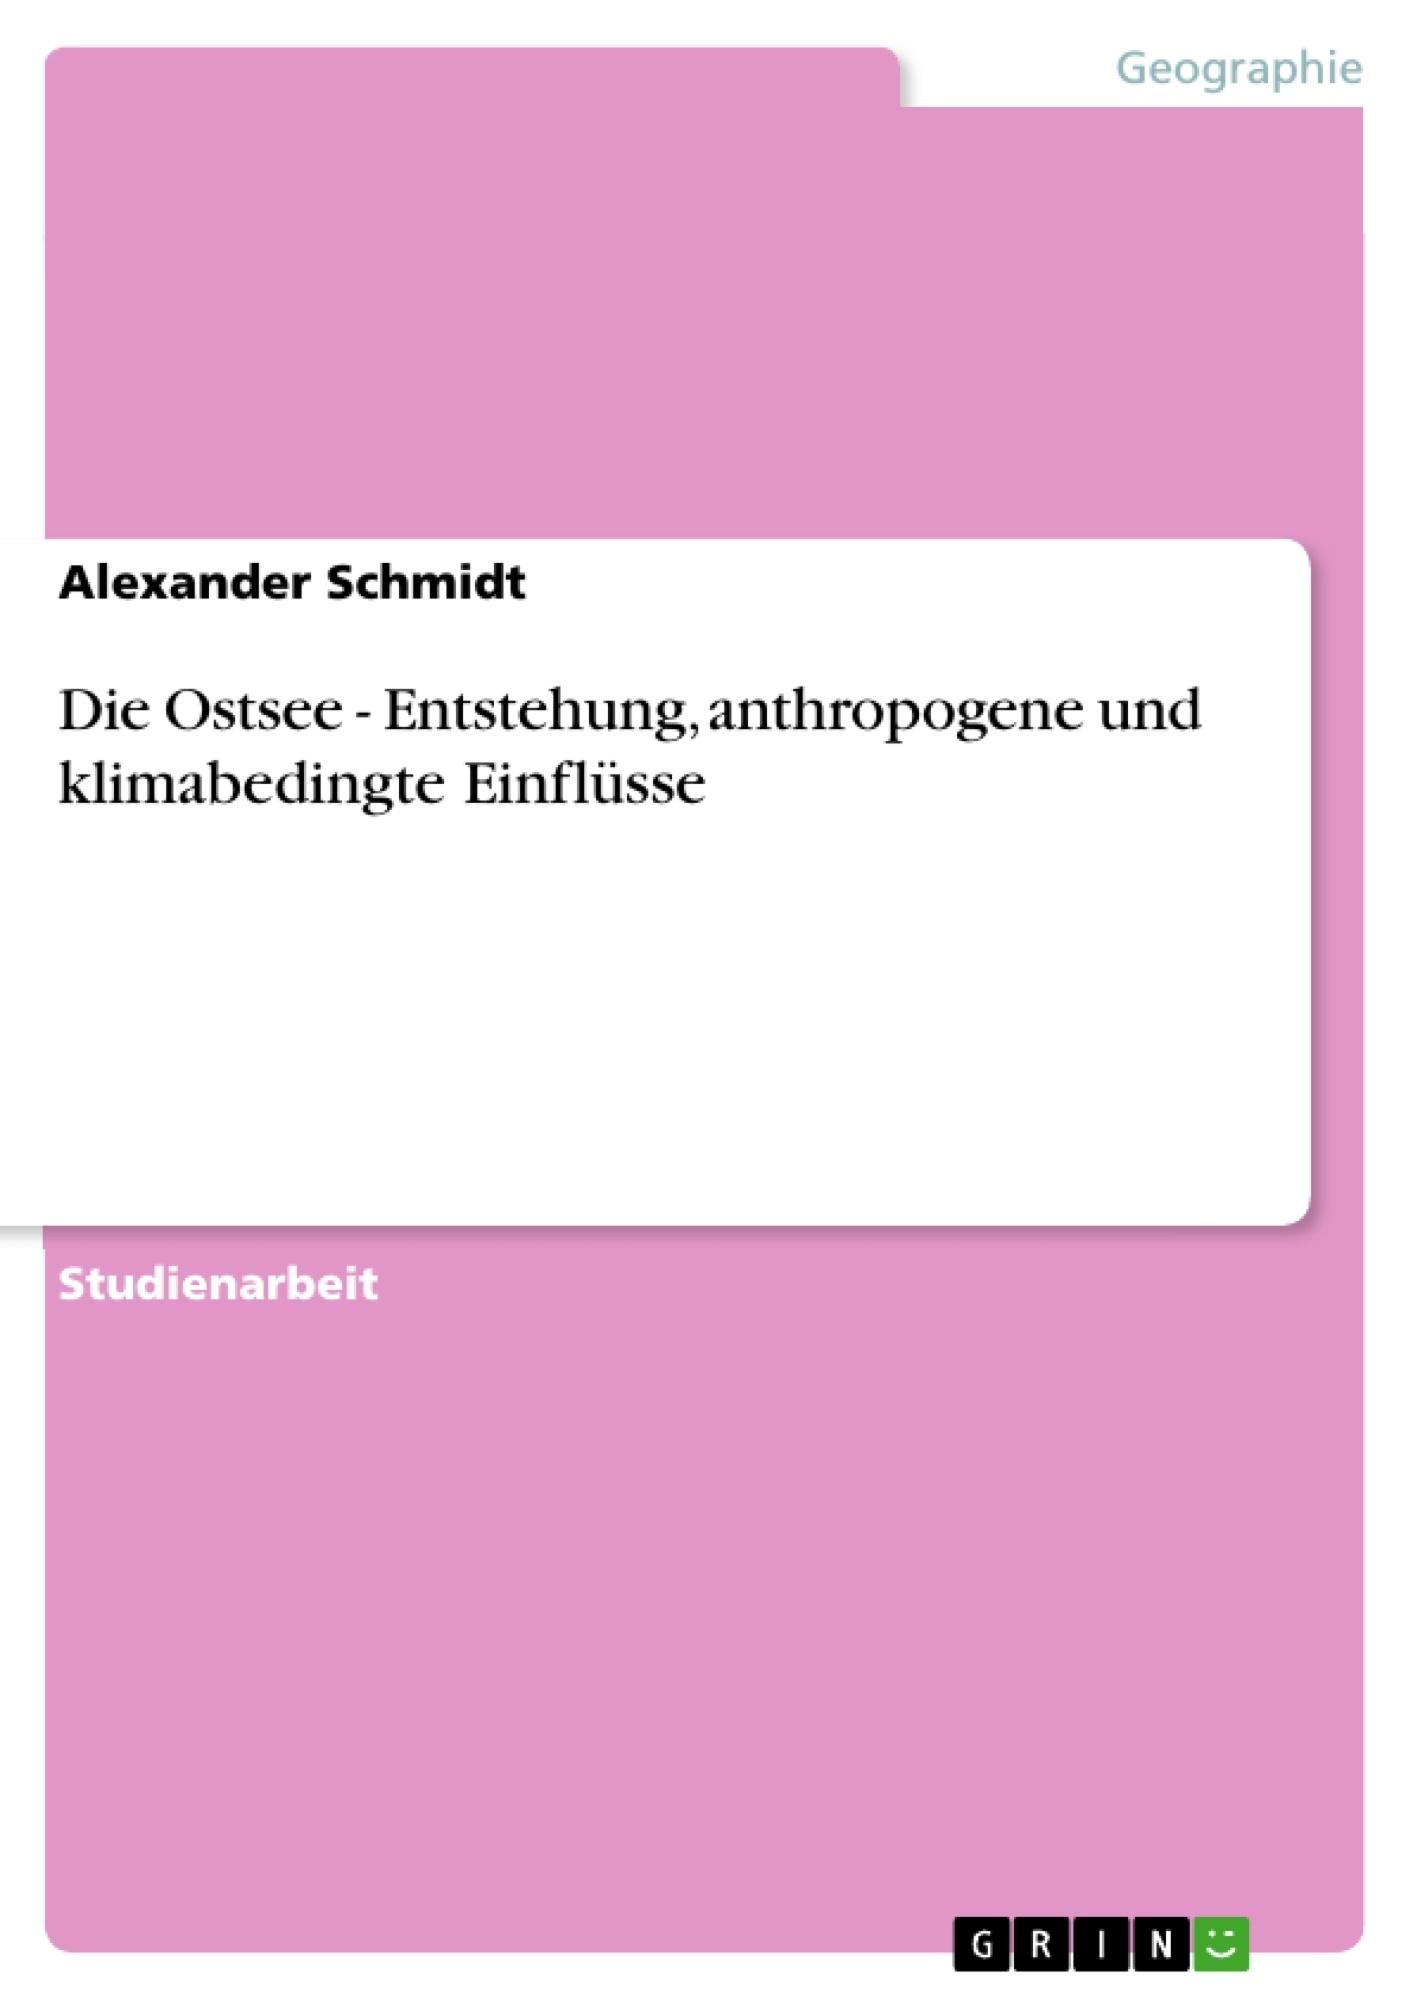 Titel: Die Ostsee - Entstehung, anthropogene und klimabedingte Einflüsse